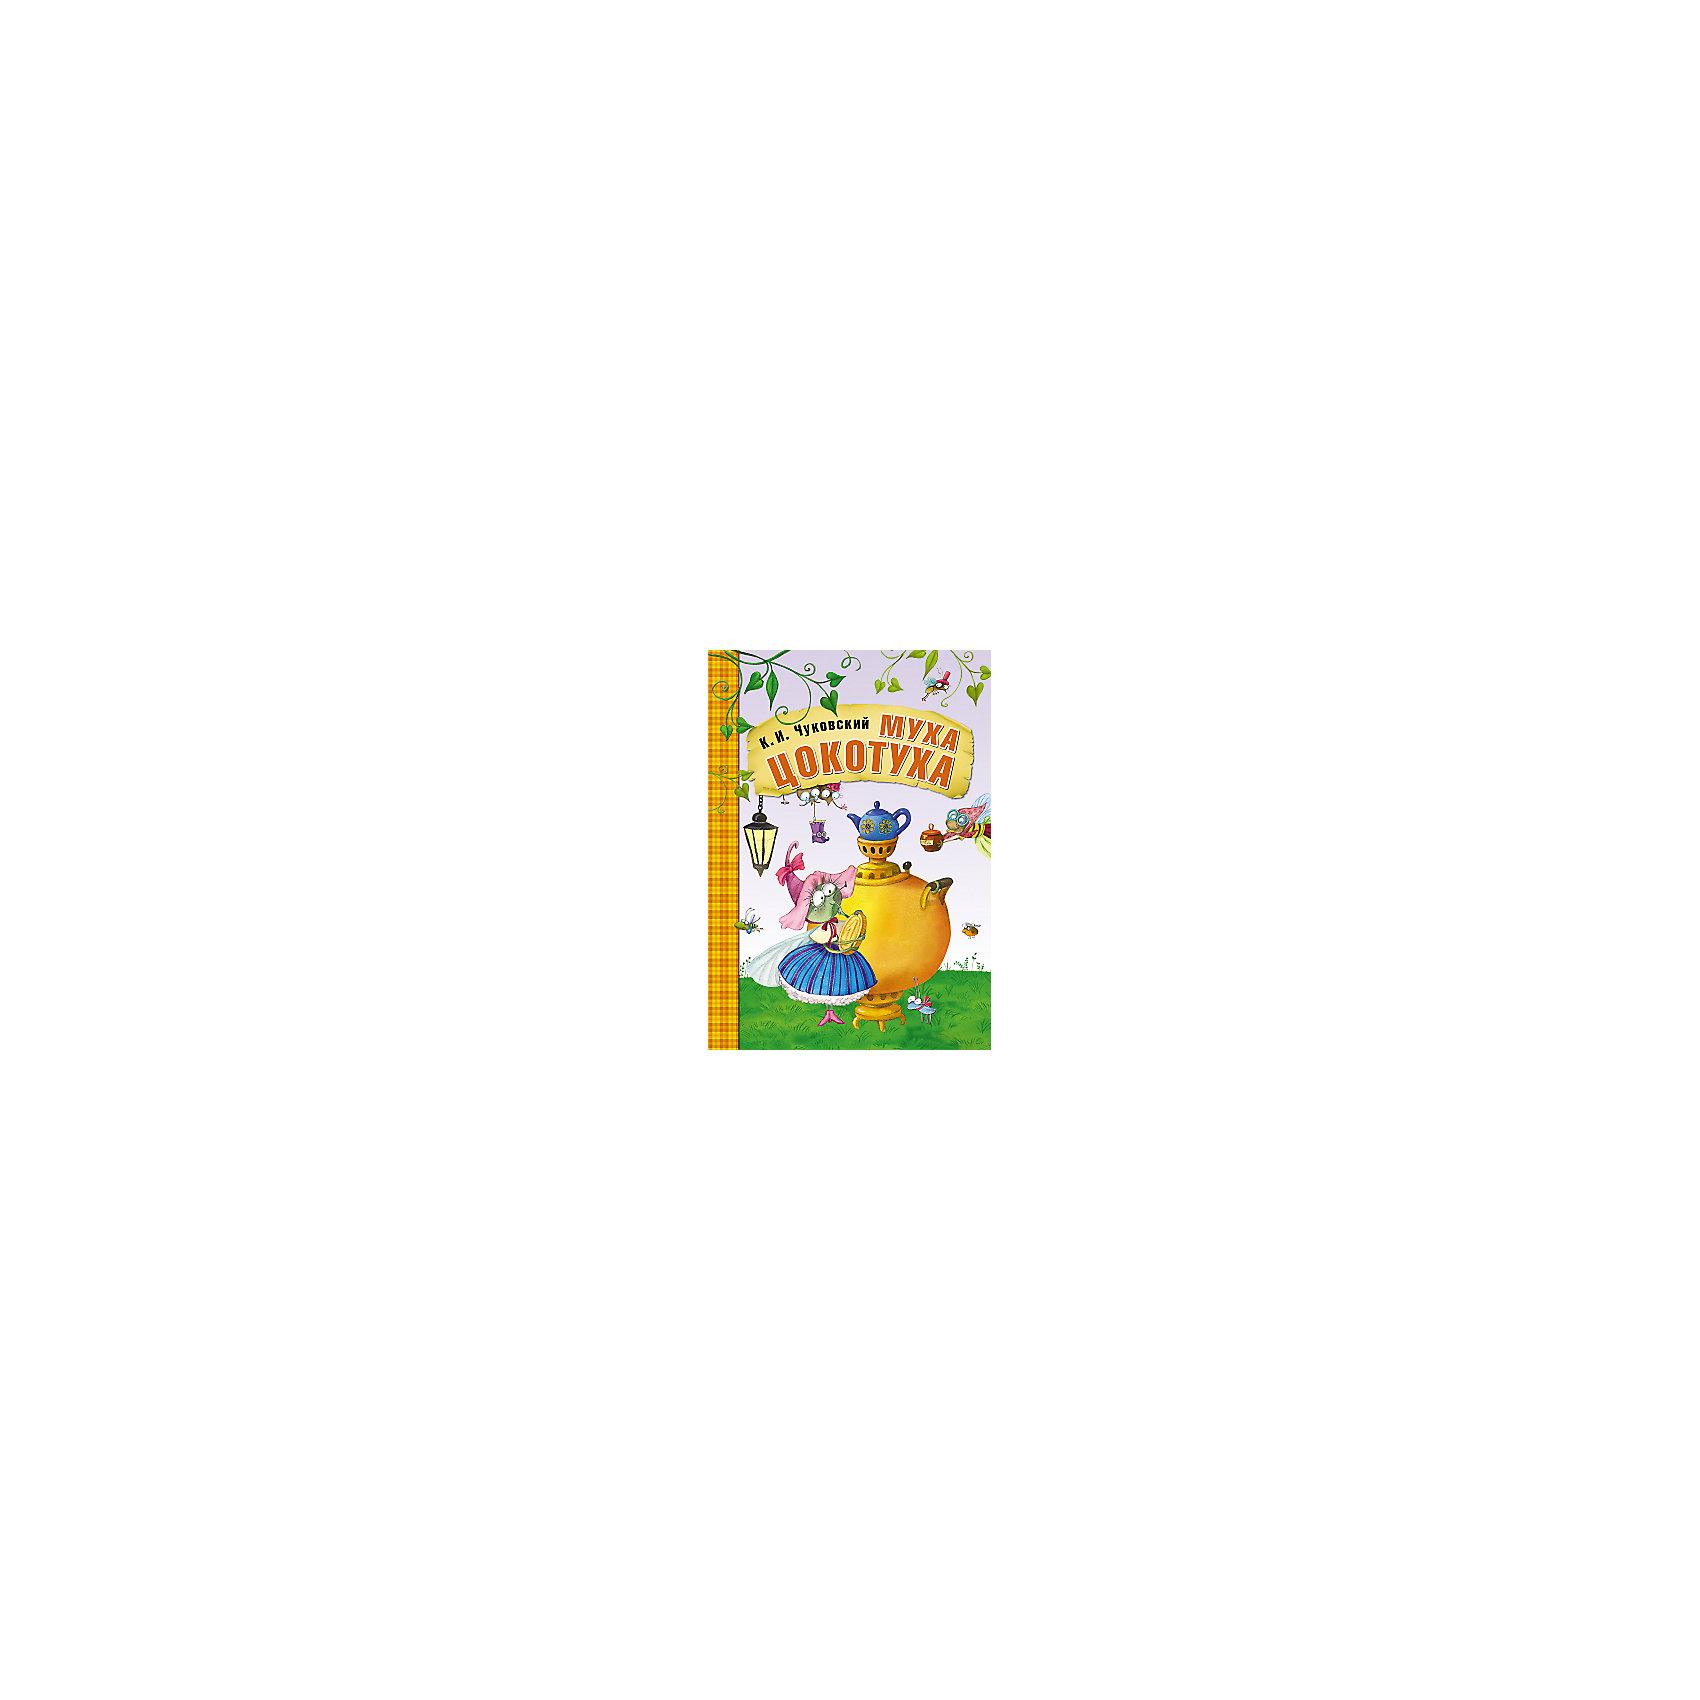 Муха-Цокотуха, К.И. ЧуковскийРусские сказки<br>Эта замечательная книга с красочными иллюстрациями Л. Ереминой обязательно станет любимой!<br>Сказка Корнея Ивановича Чуковского «Муха-Цокотуха» знакома всем с детства. <br>Книгу в мягкой обложке легко взять с собой в гости, в поездку, на дачу или в детский сад -любимая сказка будет сопровождать вашего малыша где угодно.<br><br>Ширина мм: 200<br>Глубина мм: 205<br>Высота мм: 290<br>Вес г: 101<br>Возраст от месяцев: 12<br>Возраст до месяцев: 84<br>Пол: Унисекс<br>Возраст: Детский<br>SKU: 5523231